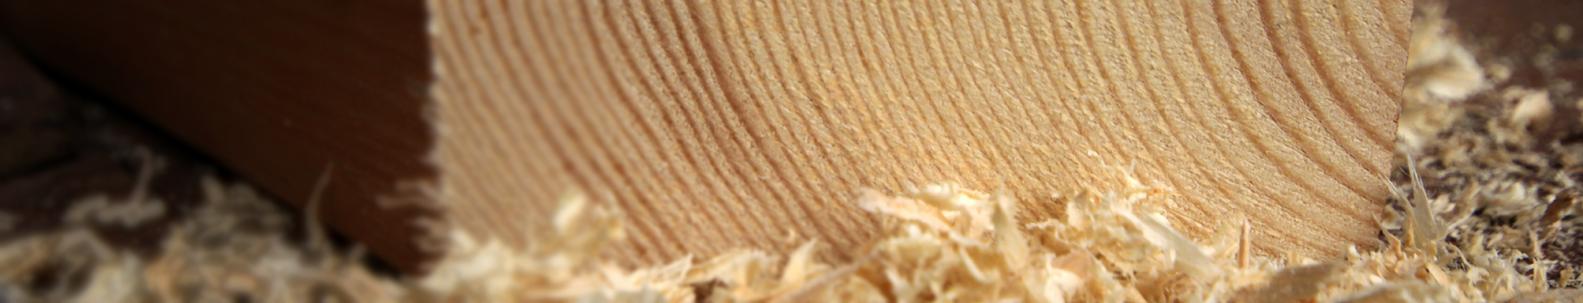 Juostinės šlifavimo staklės  Pažangios, aukštos kokybės juostinės šlifavimo staklės